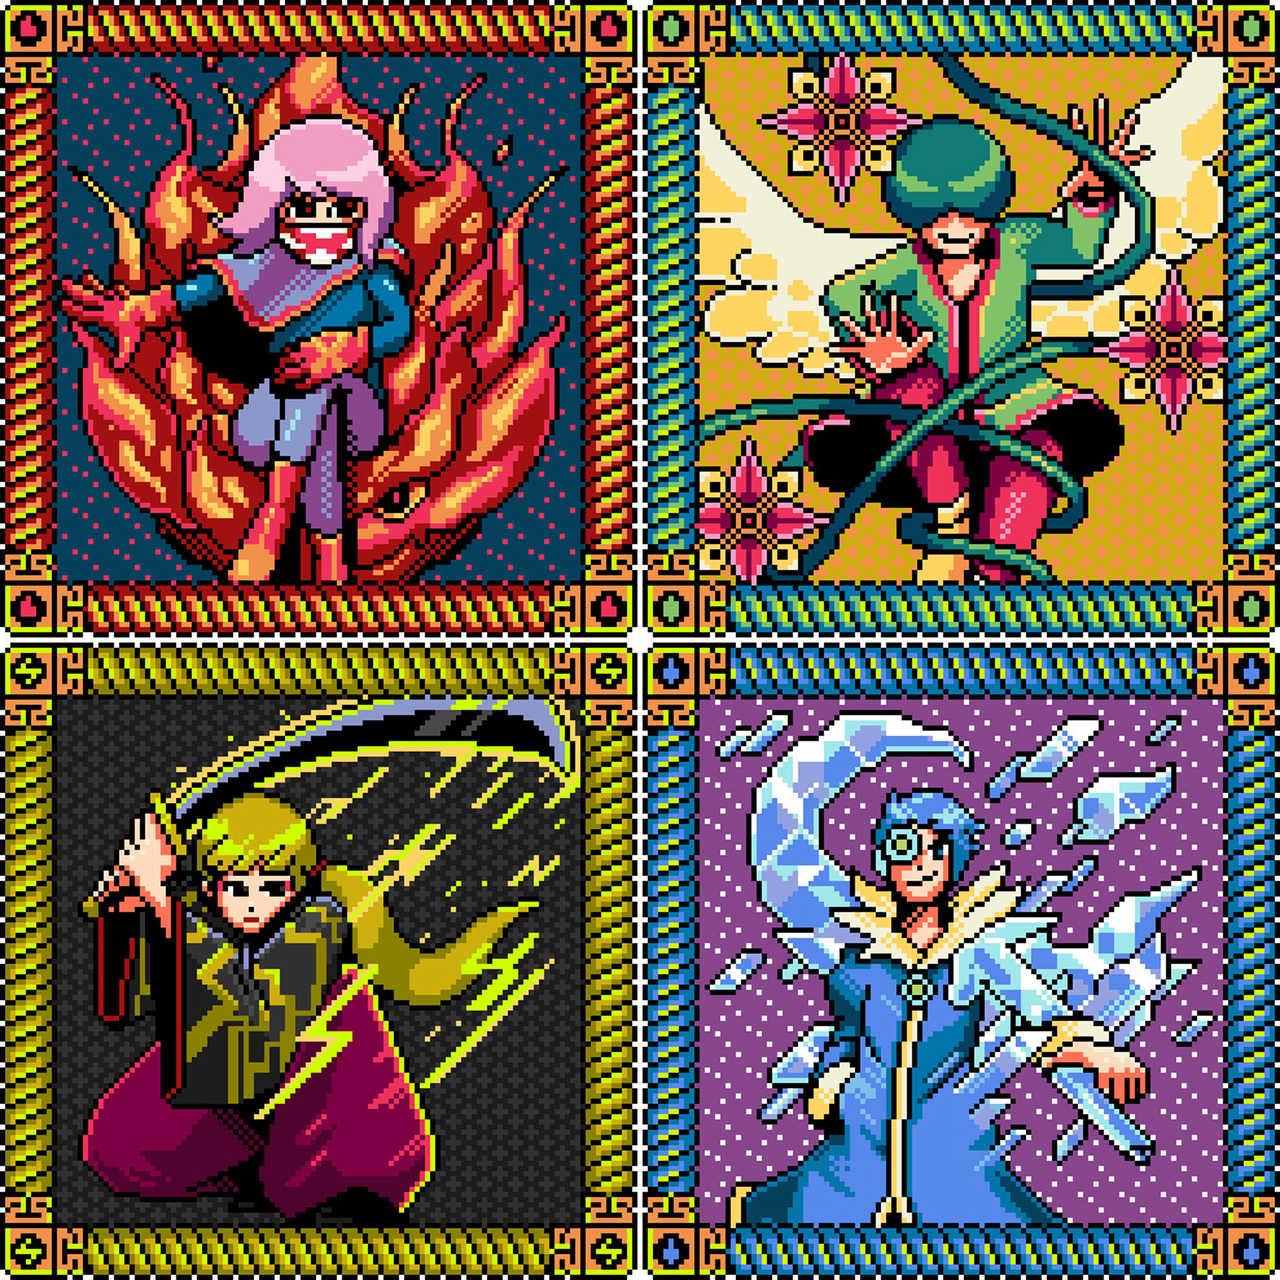 写真左上より時計回り、火寺バジル(Vo)、gari(VJ&Vo)、ウイ・ビトン(Gu)、明治(Gu)